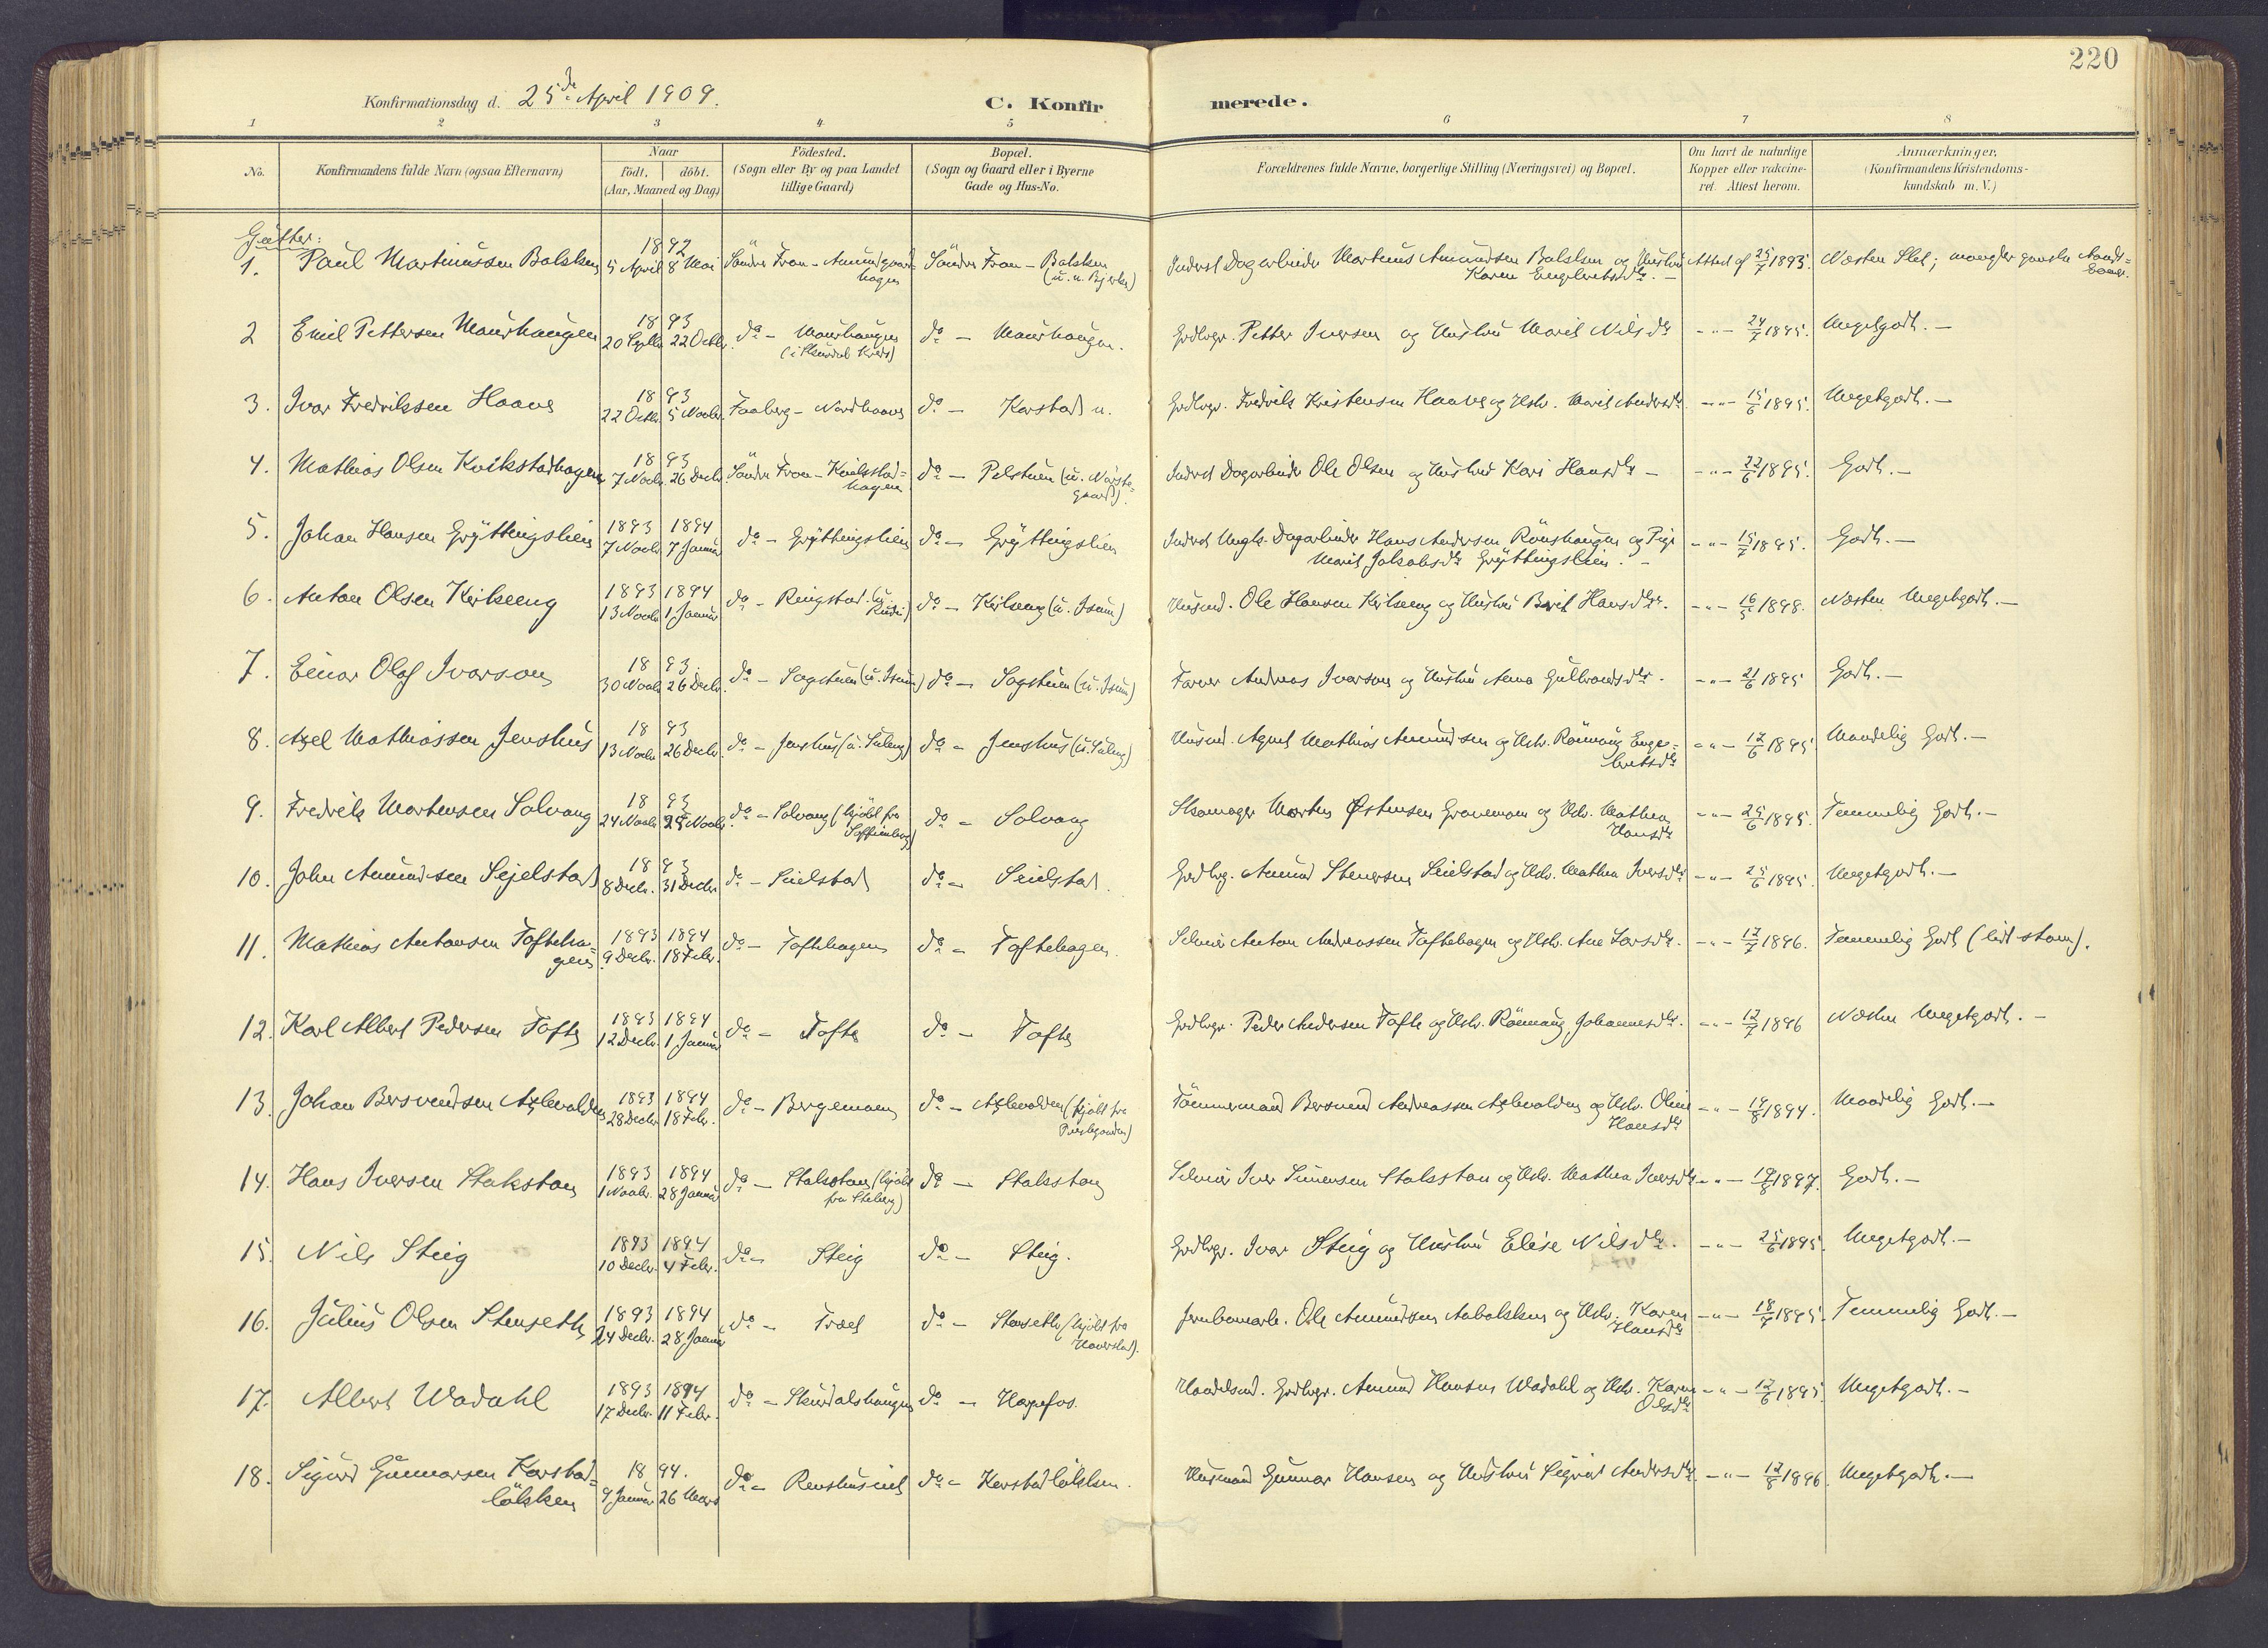 SAH, Sør-Fron prestekontor, H/Ha/Haa/L0004: Ministerialbok nr. 4, 1898-1919, s. 220